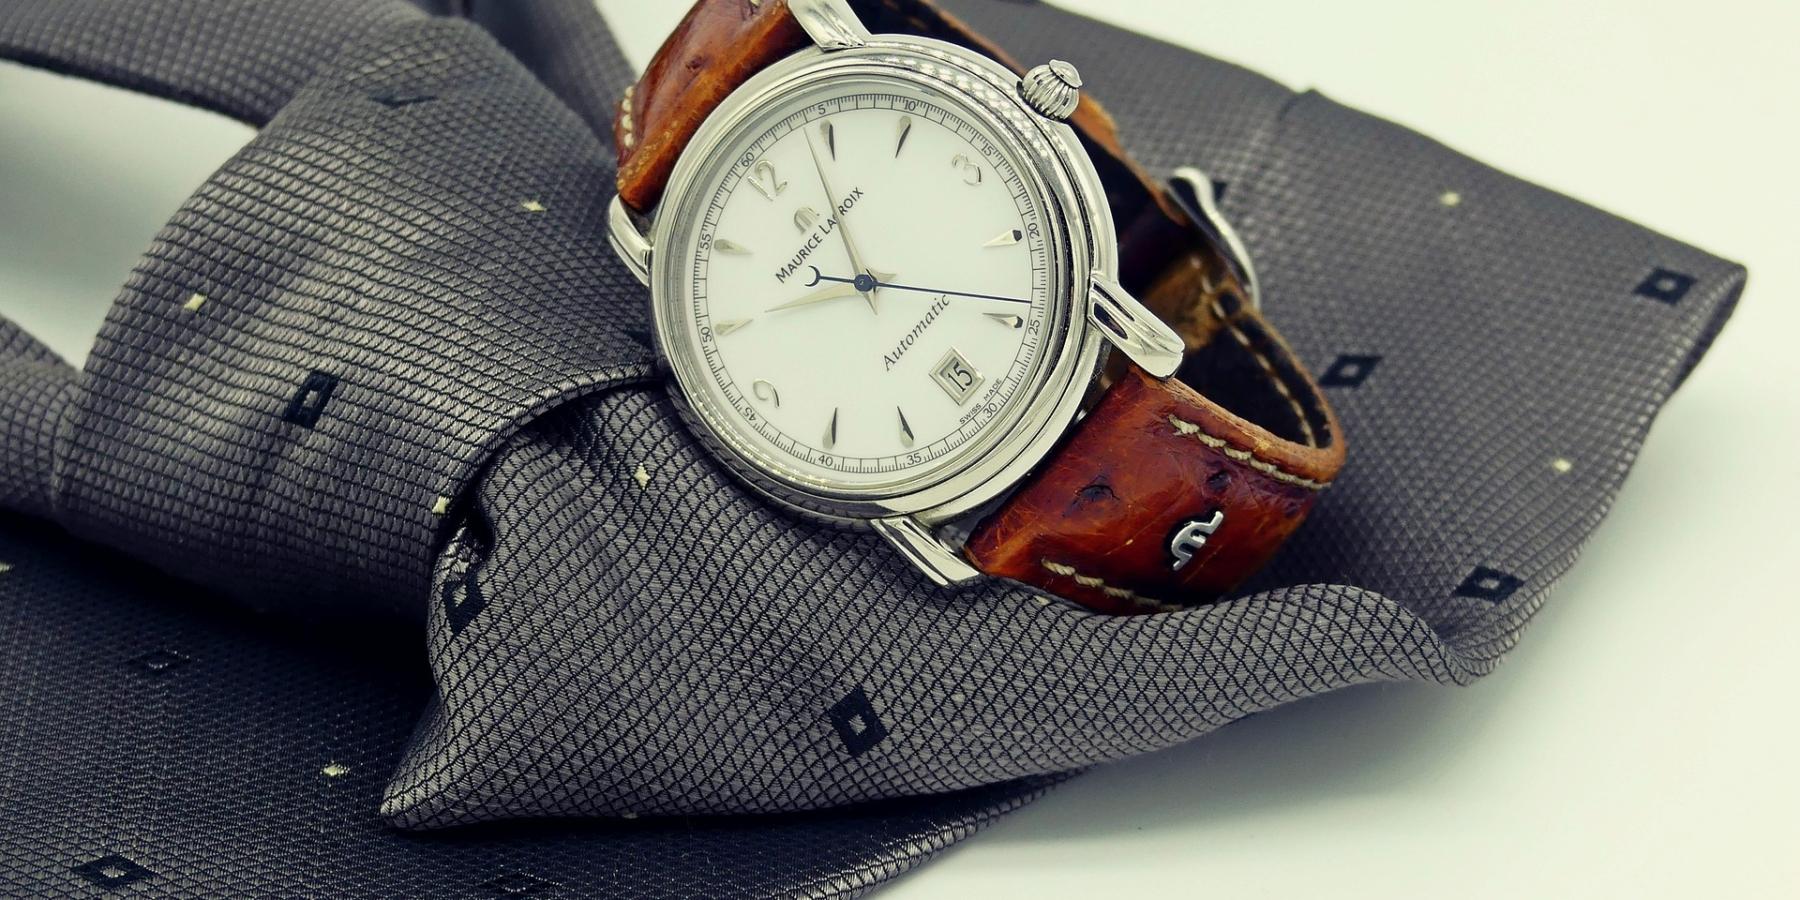 Indiglo wzegarkach Timex – innowacja, którawyeliminowała lukę narynku